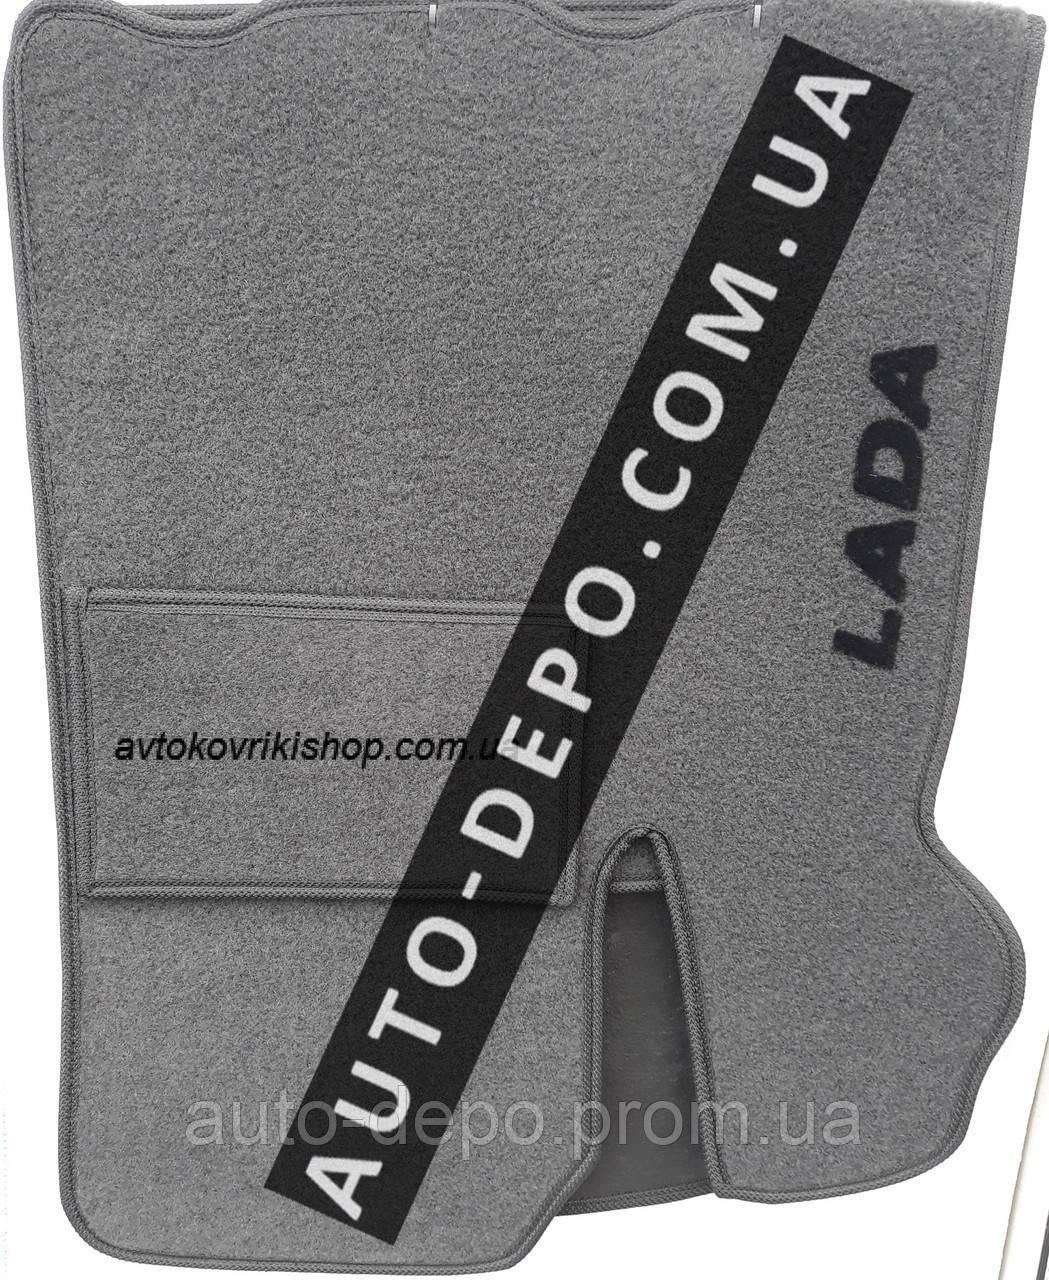 Ворсові килимки Lada 2172 2008 - VIP ЛЮКС АВТО-ВОРС